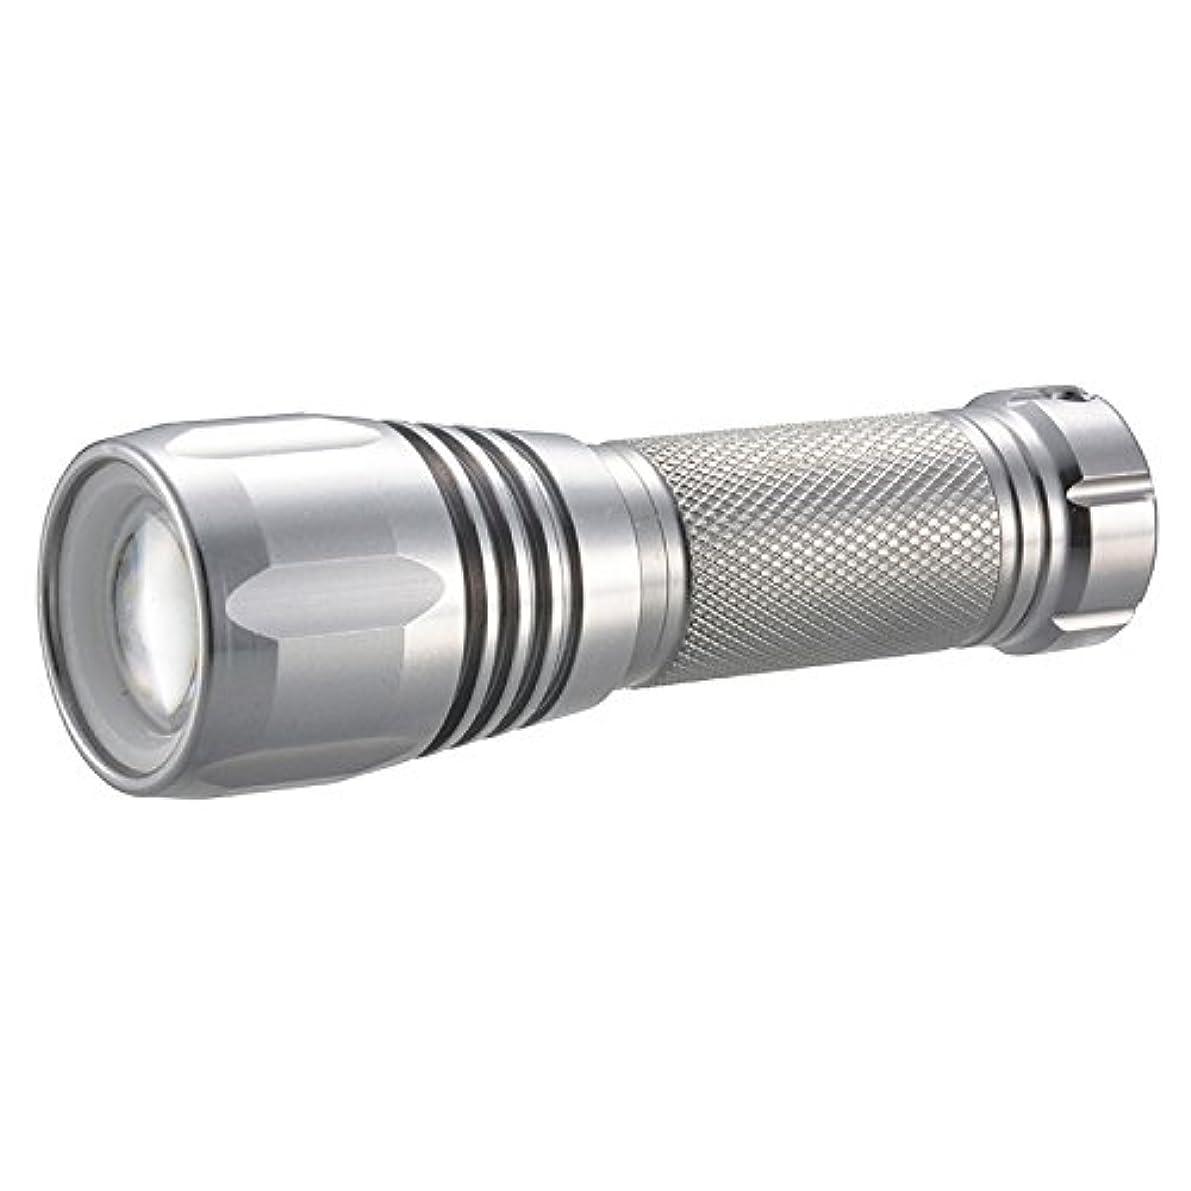 国民近似マイル懐中電灯 LEDズームライト 防水 IPX6 125lm 単3×1 LEDIANTOR ZOOM OHM LHA-DA312ZI-S 07-9695 オーム電機